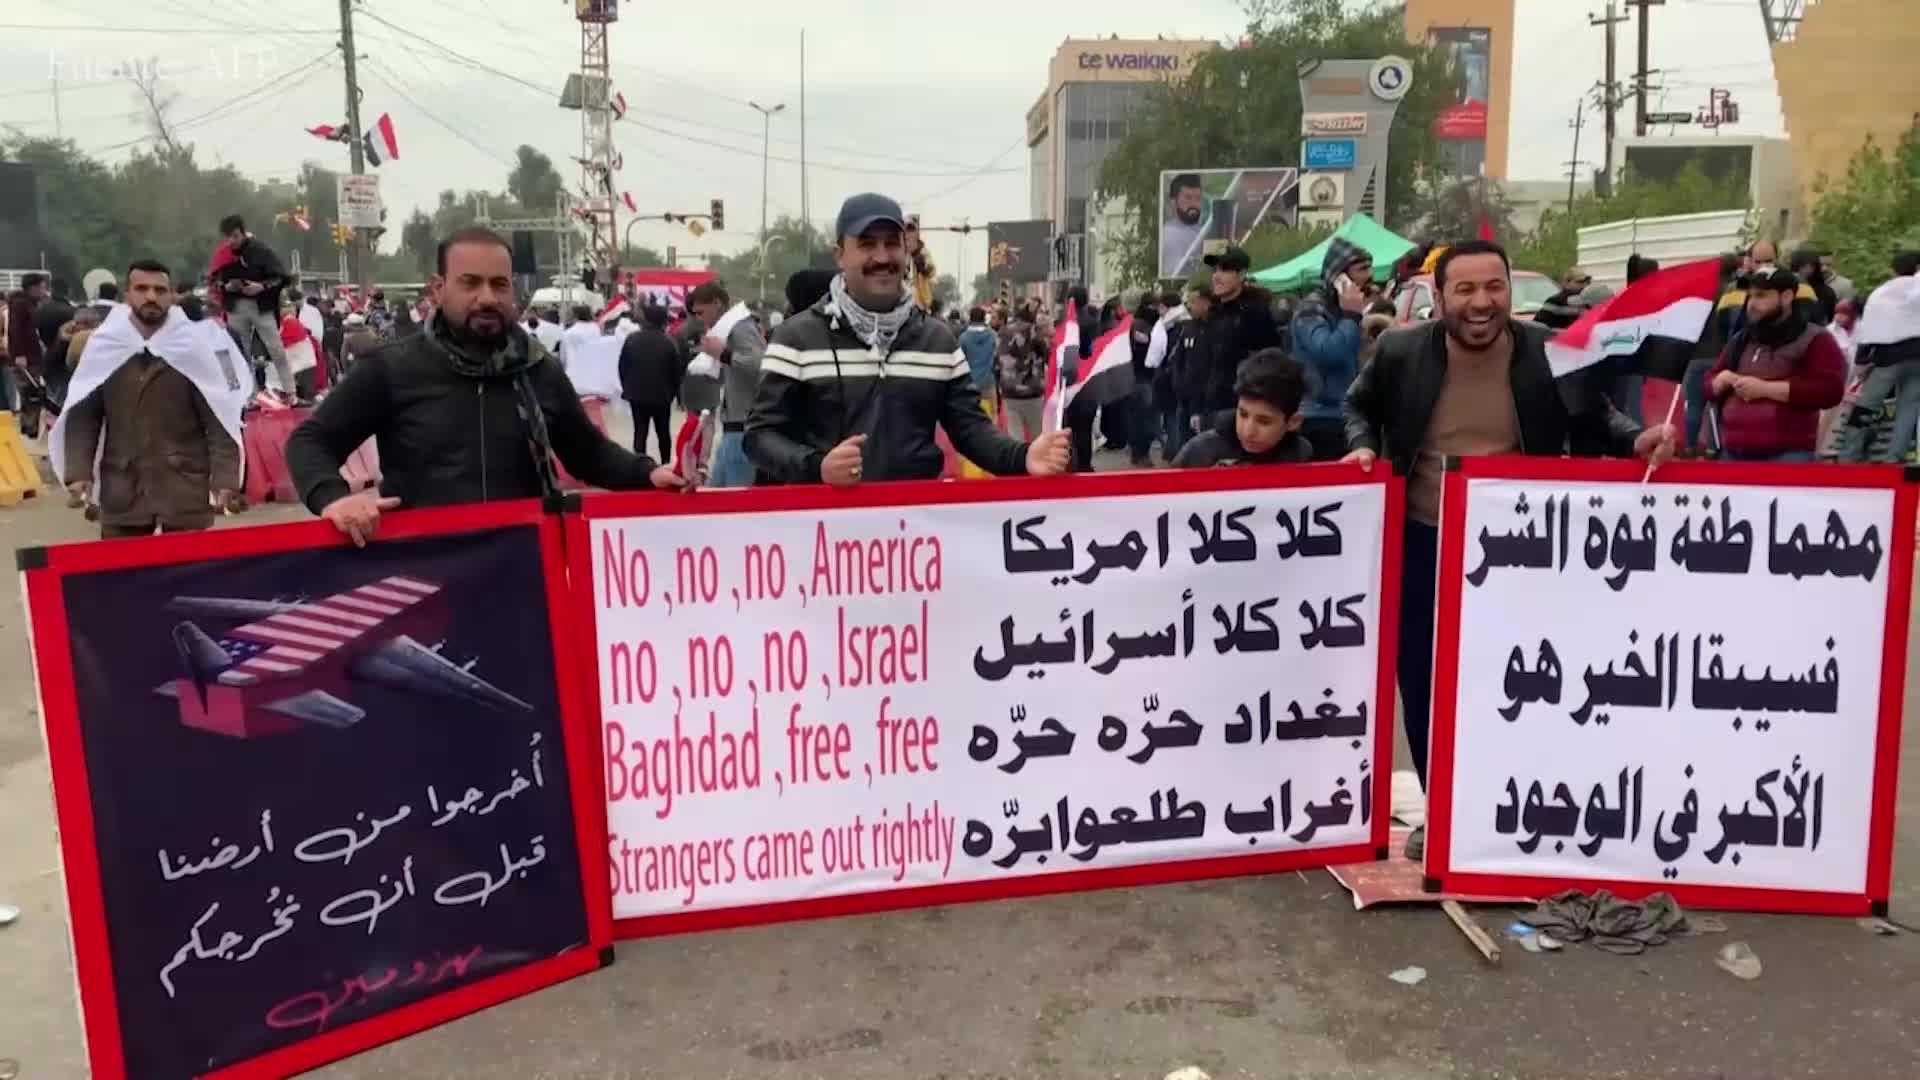 Miles de iraquíes piden retirada de tropas de EEUU en multitudinaria manifestación en Bagdad